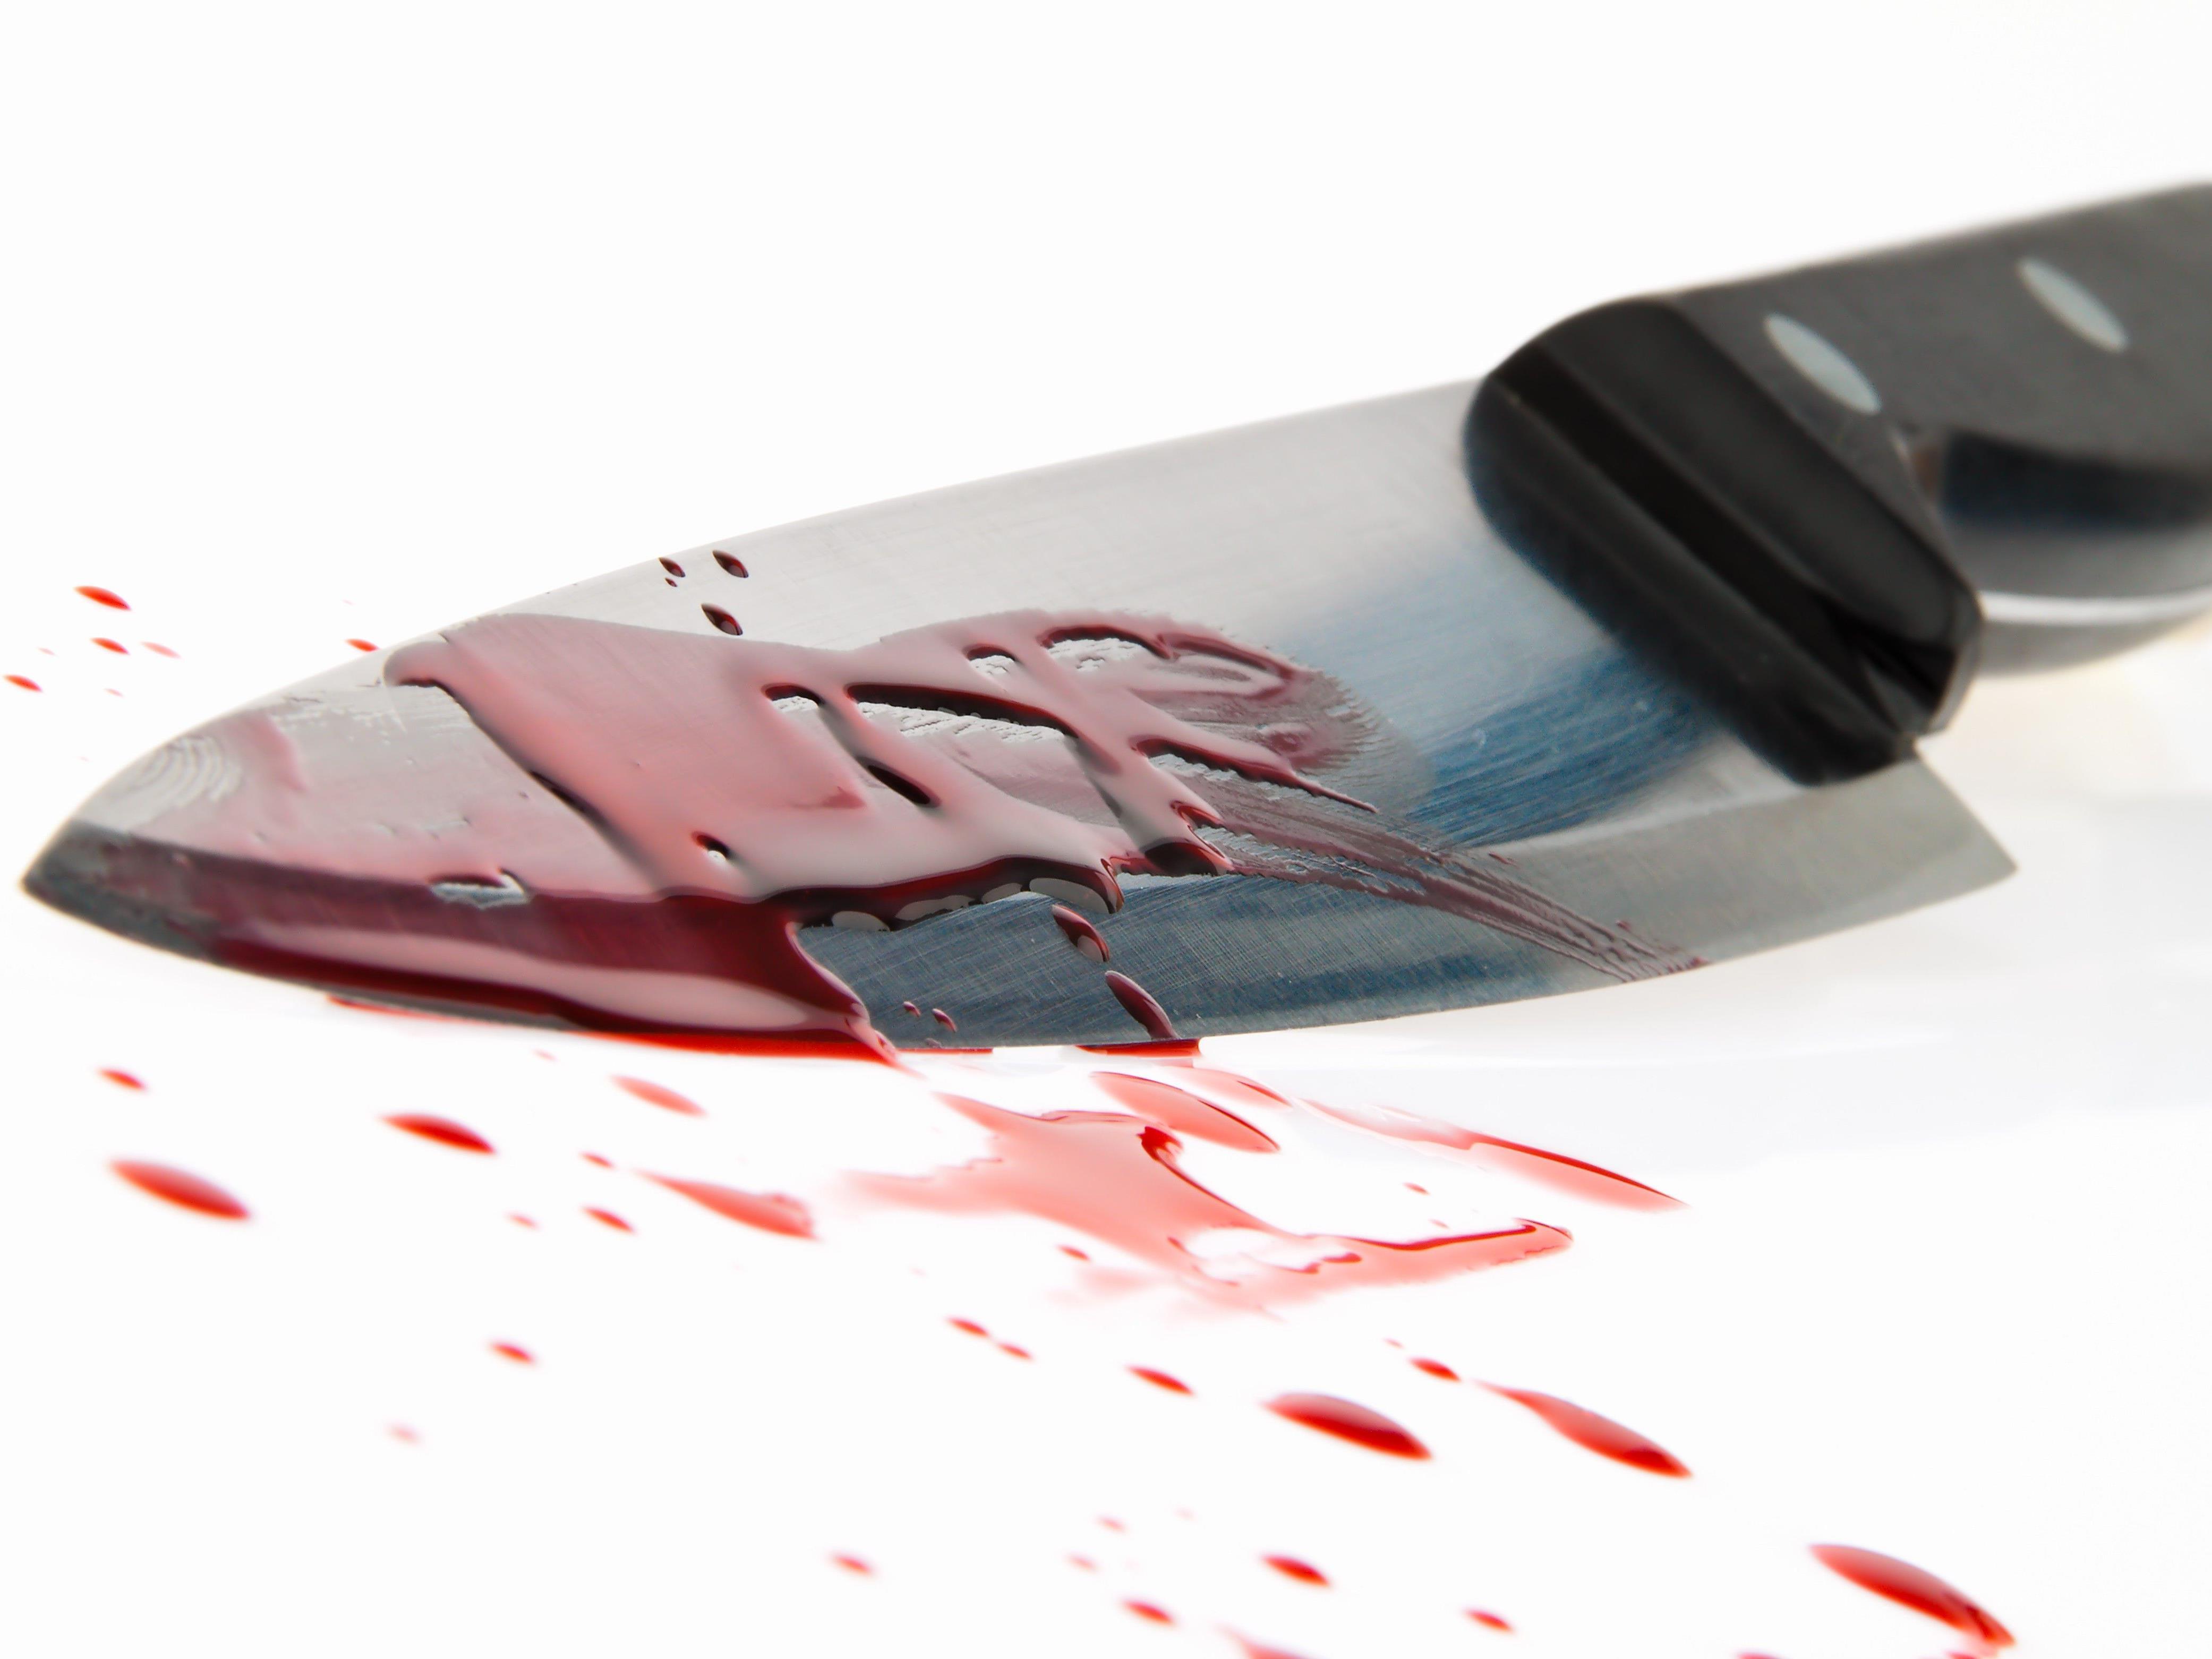 Der Täter attackierte sein Opfer mit einem Messer